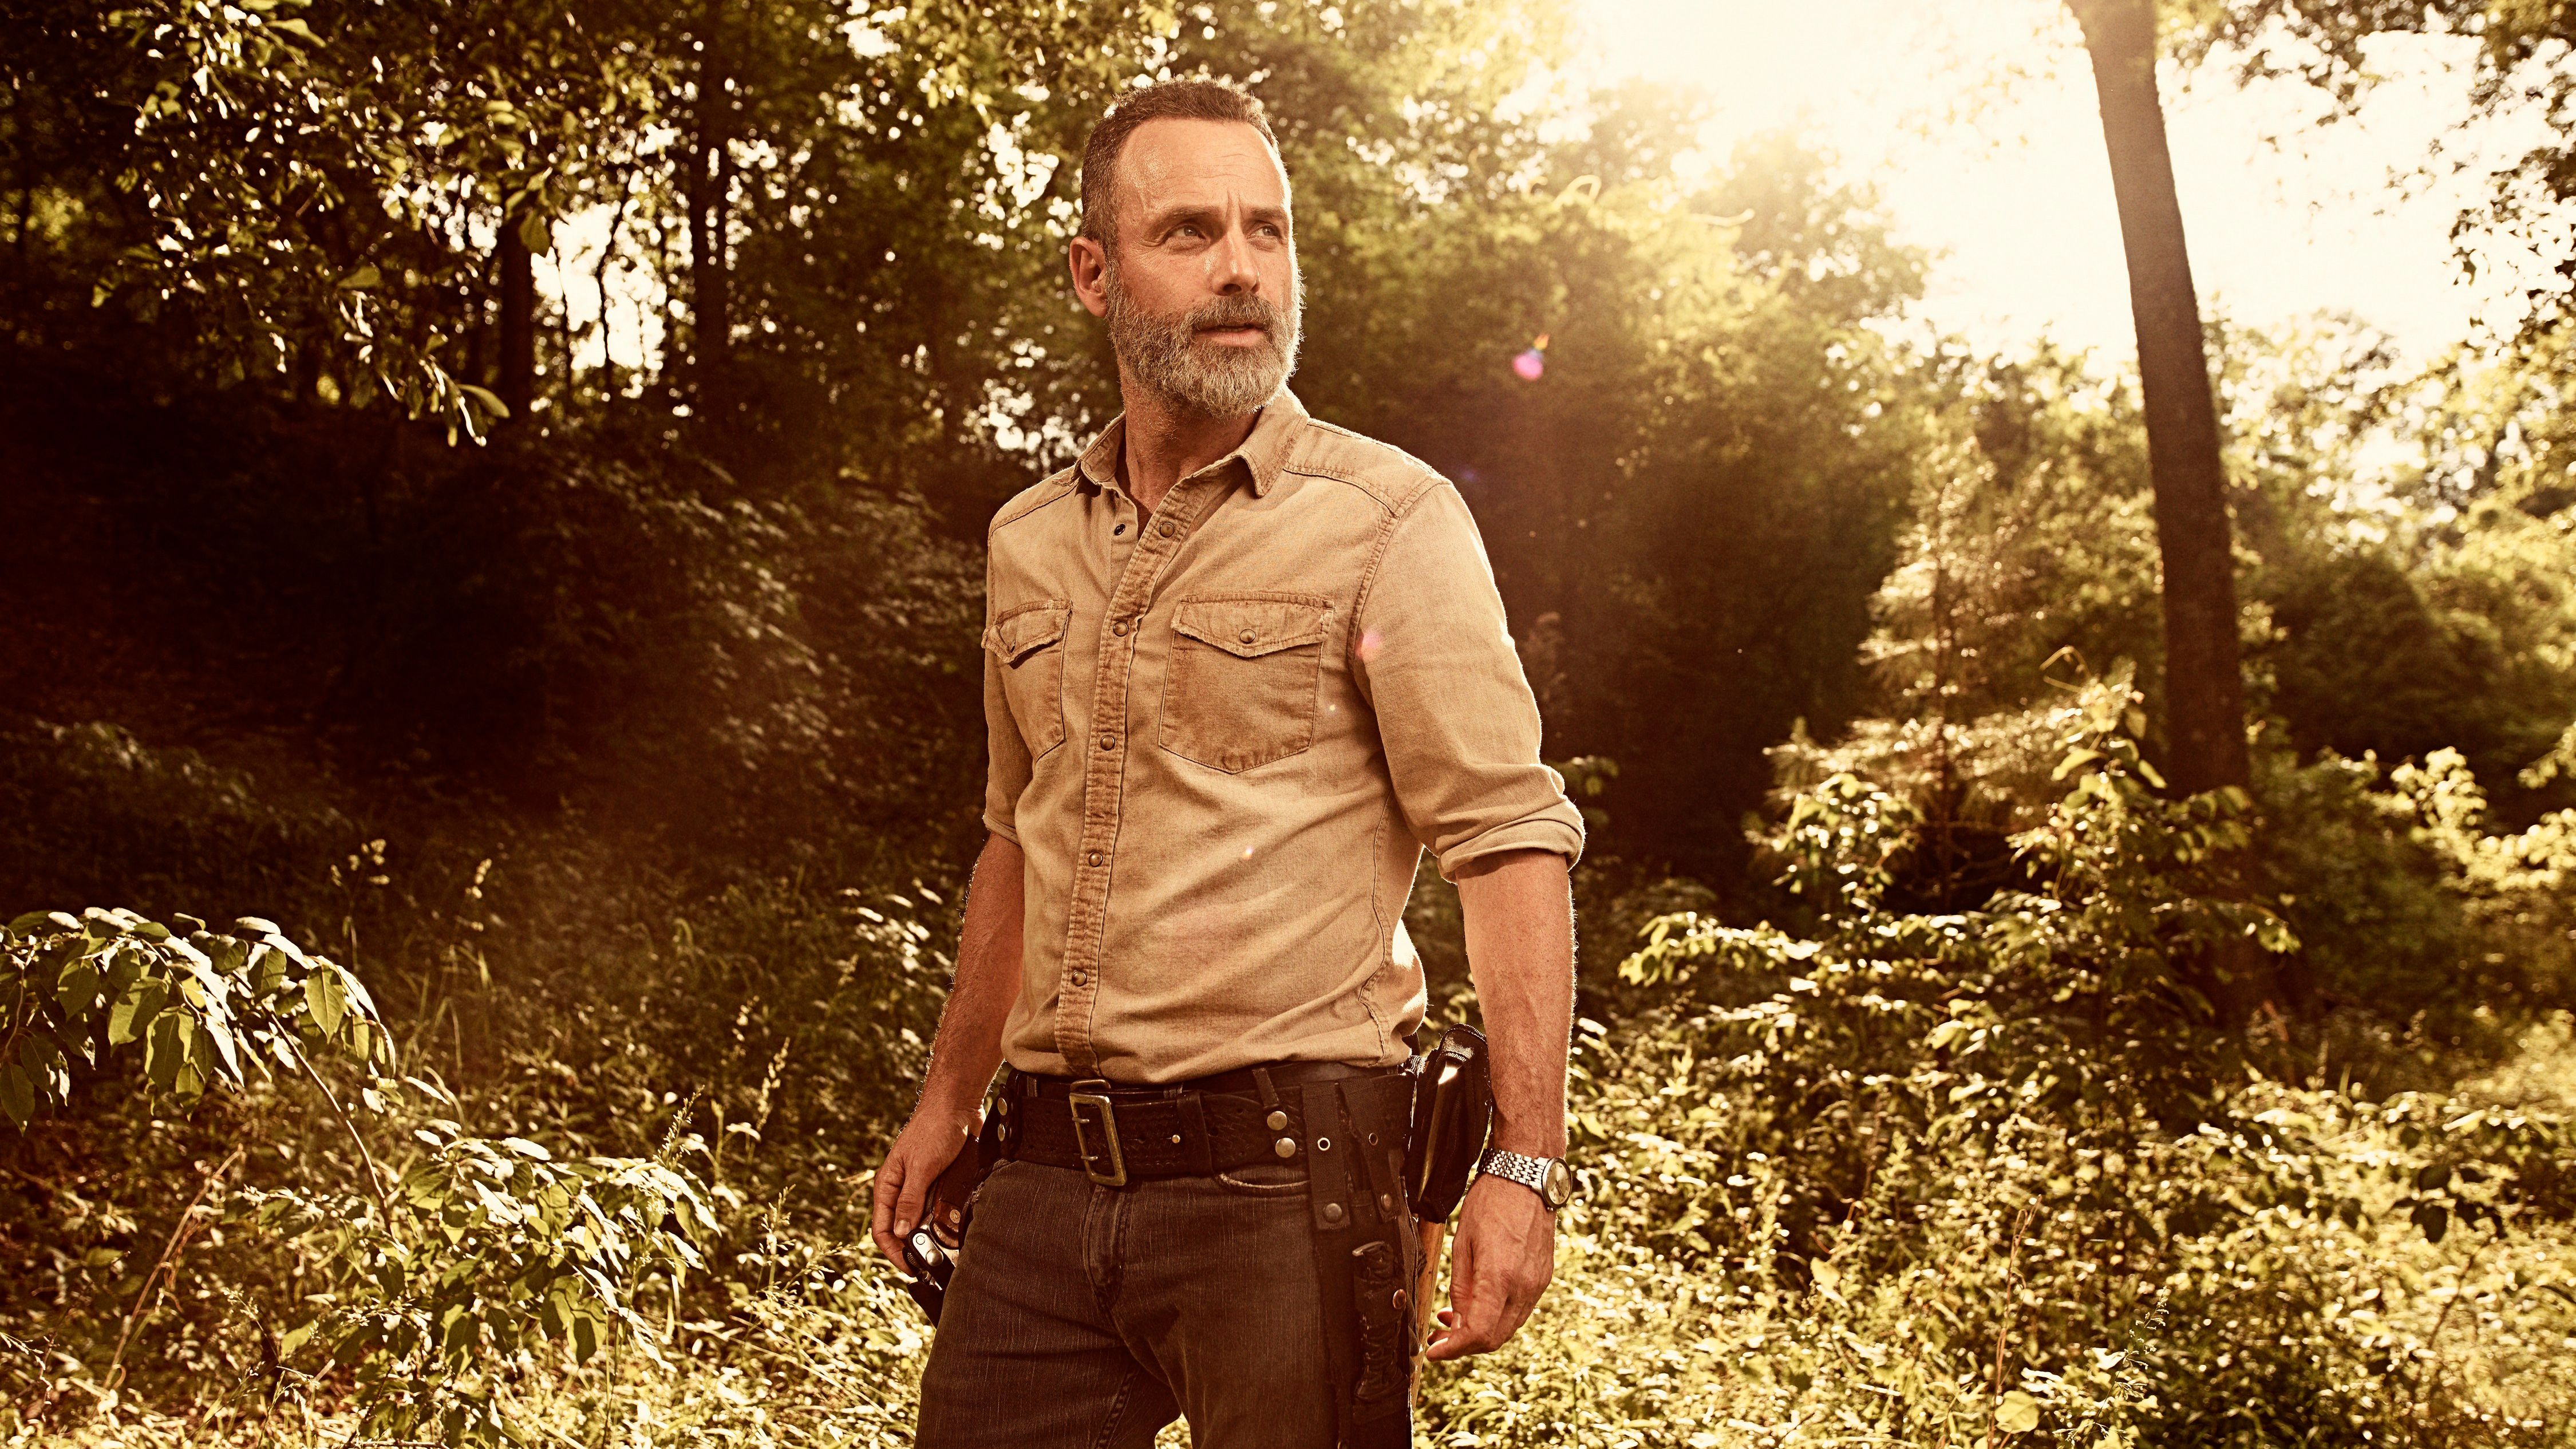 Rick Grimes In The Walking Dead Season 9 Wallpapers Hd Wallpapers